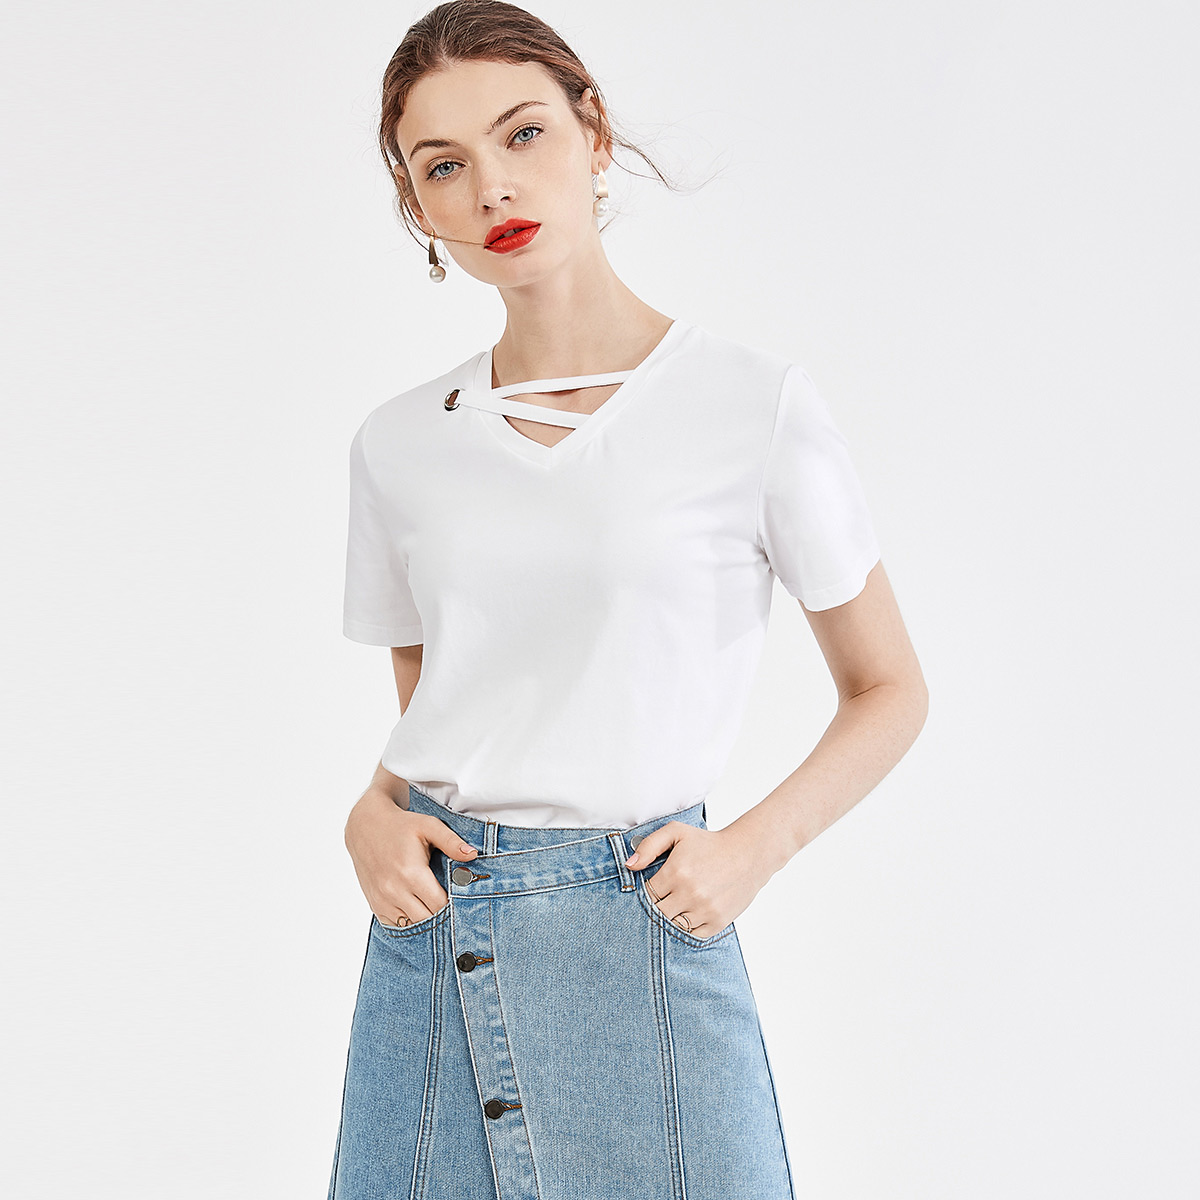 乐刻2020夏装新款女式t恤纯色V领交叉绑带设计时尚百搭短袖t恤女